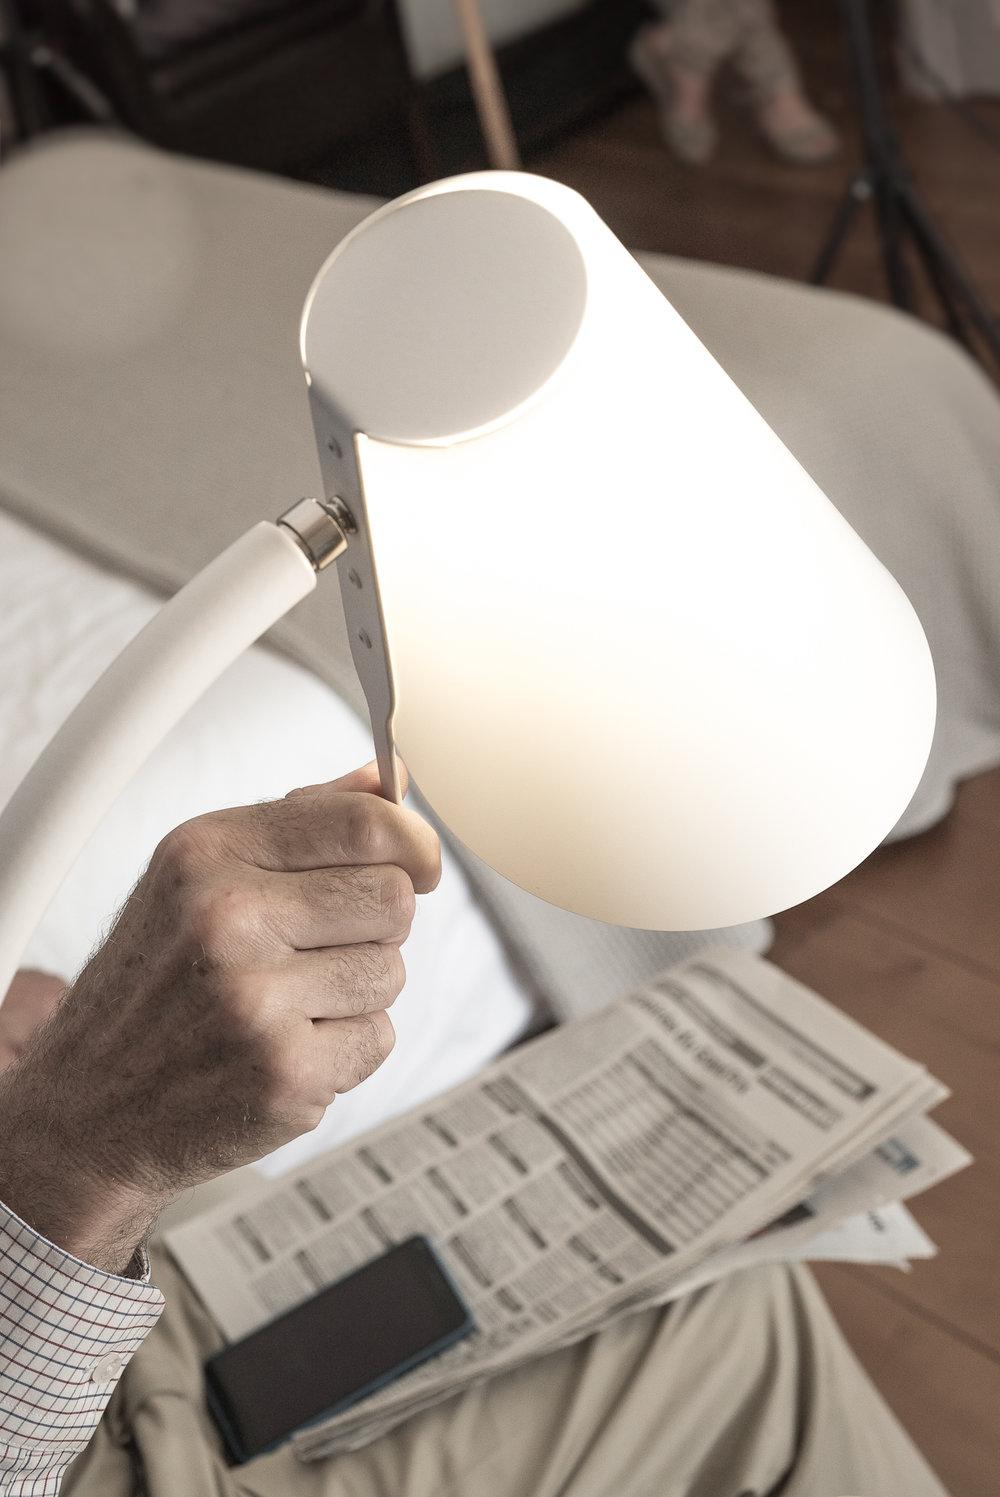 Mieux lire - Lumière adaptée et position ajustable pour mieux lire.